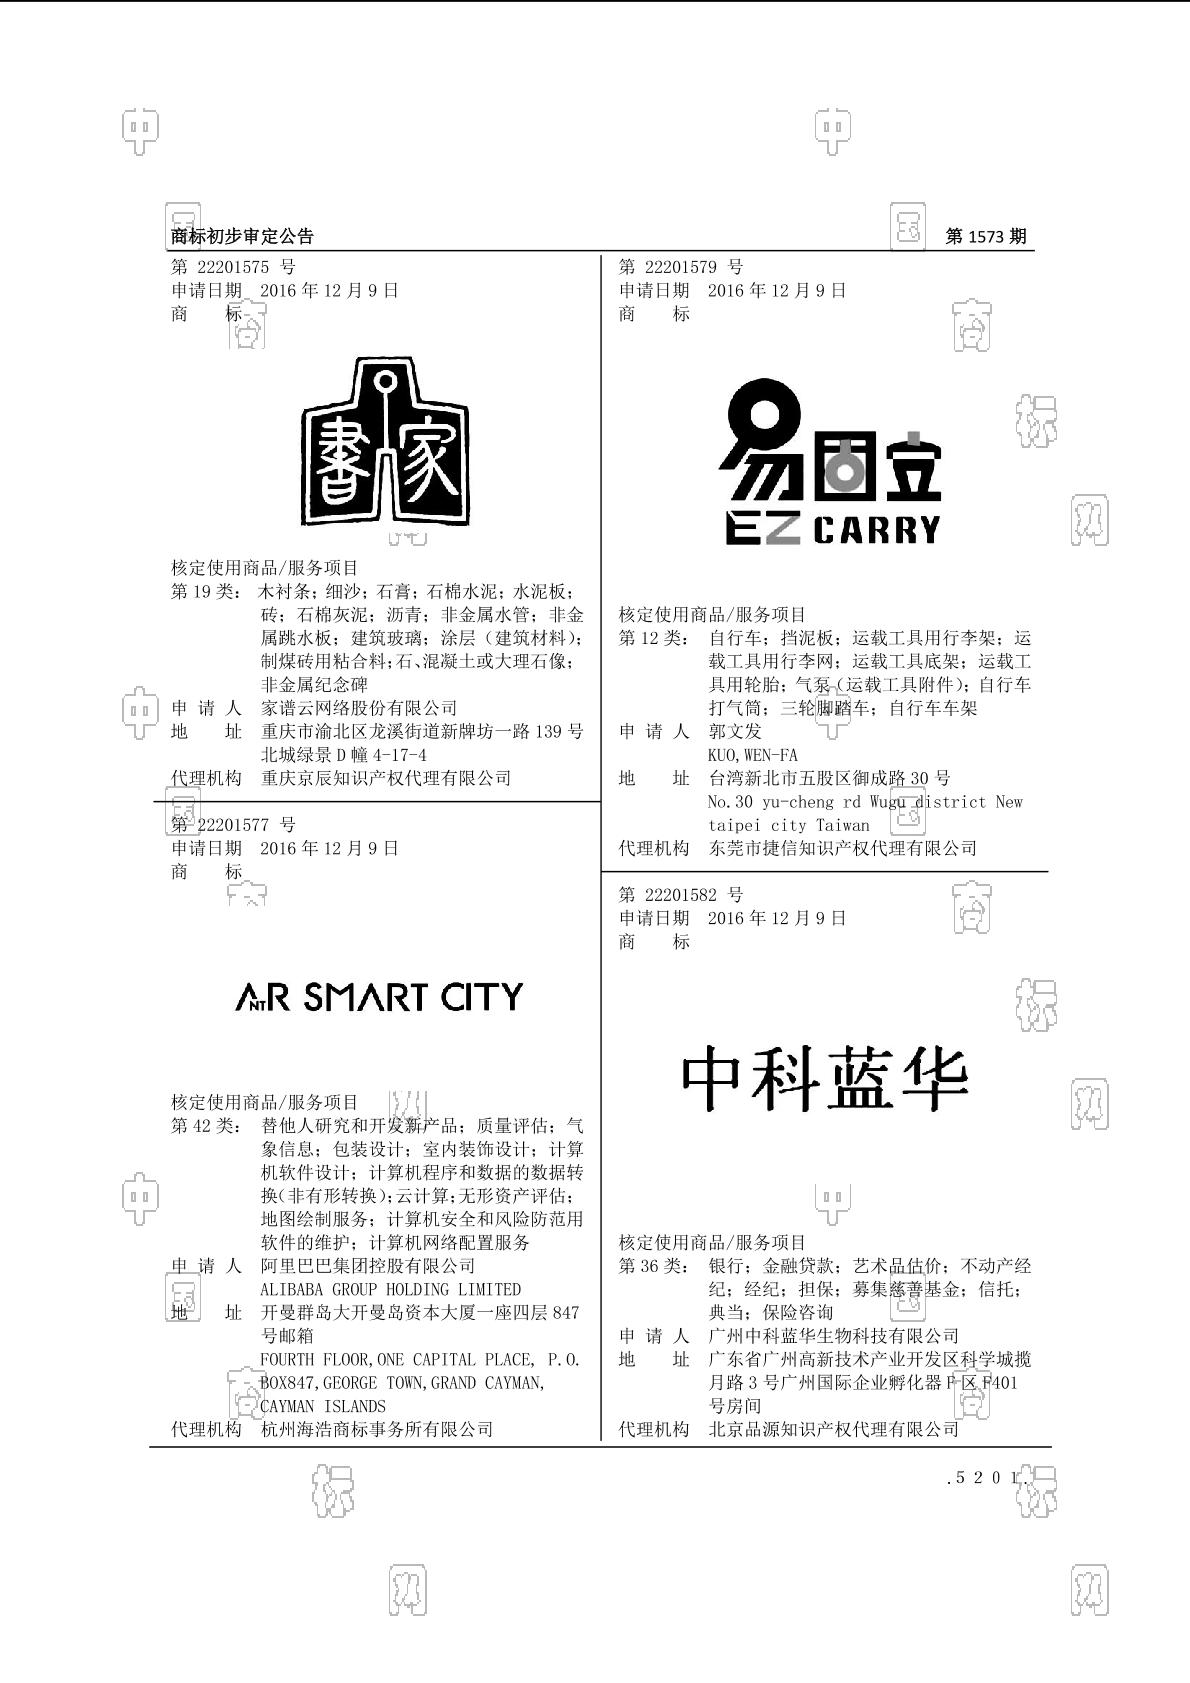 【社标网】ANTR SMART CITY商标状态注册号信息 阿里巴巴集团控股有限公司商标信息-商标查询